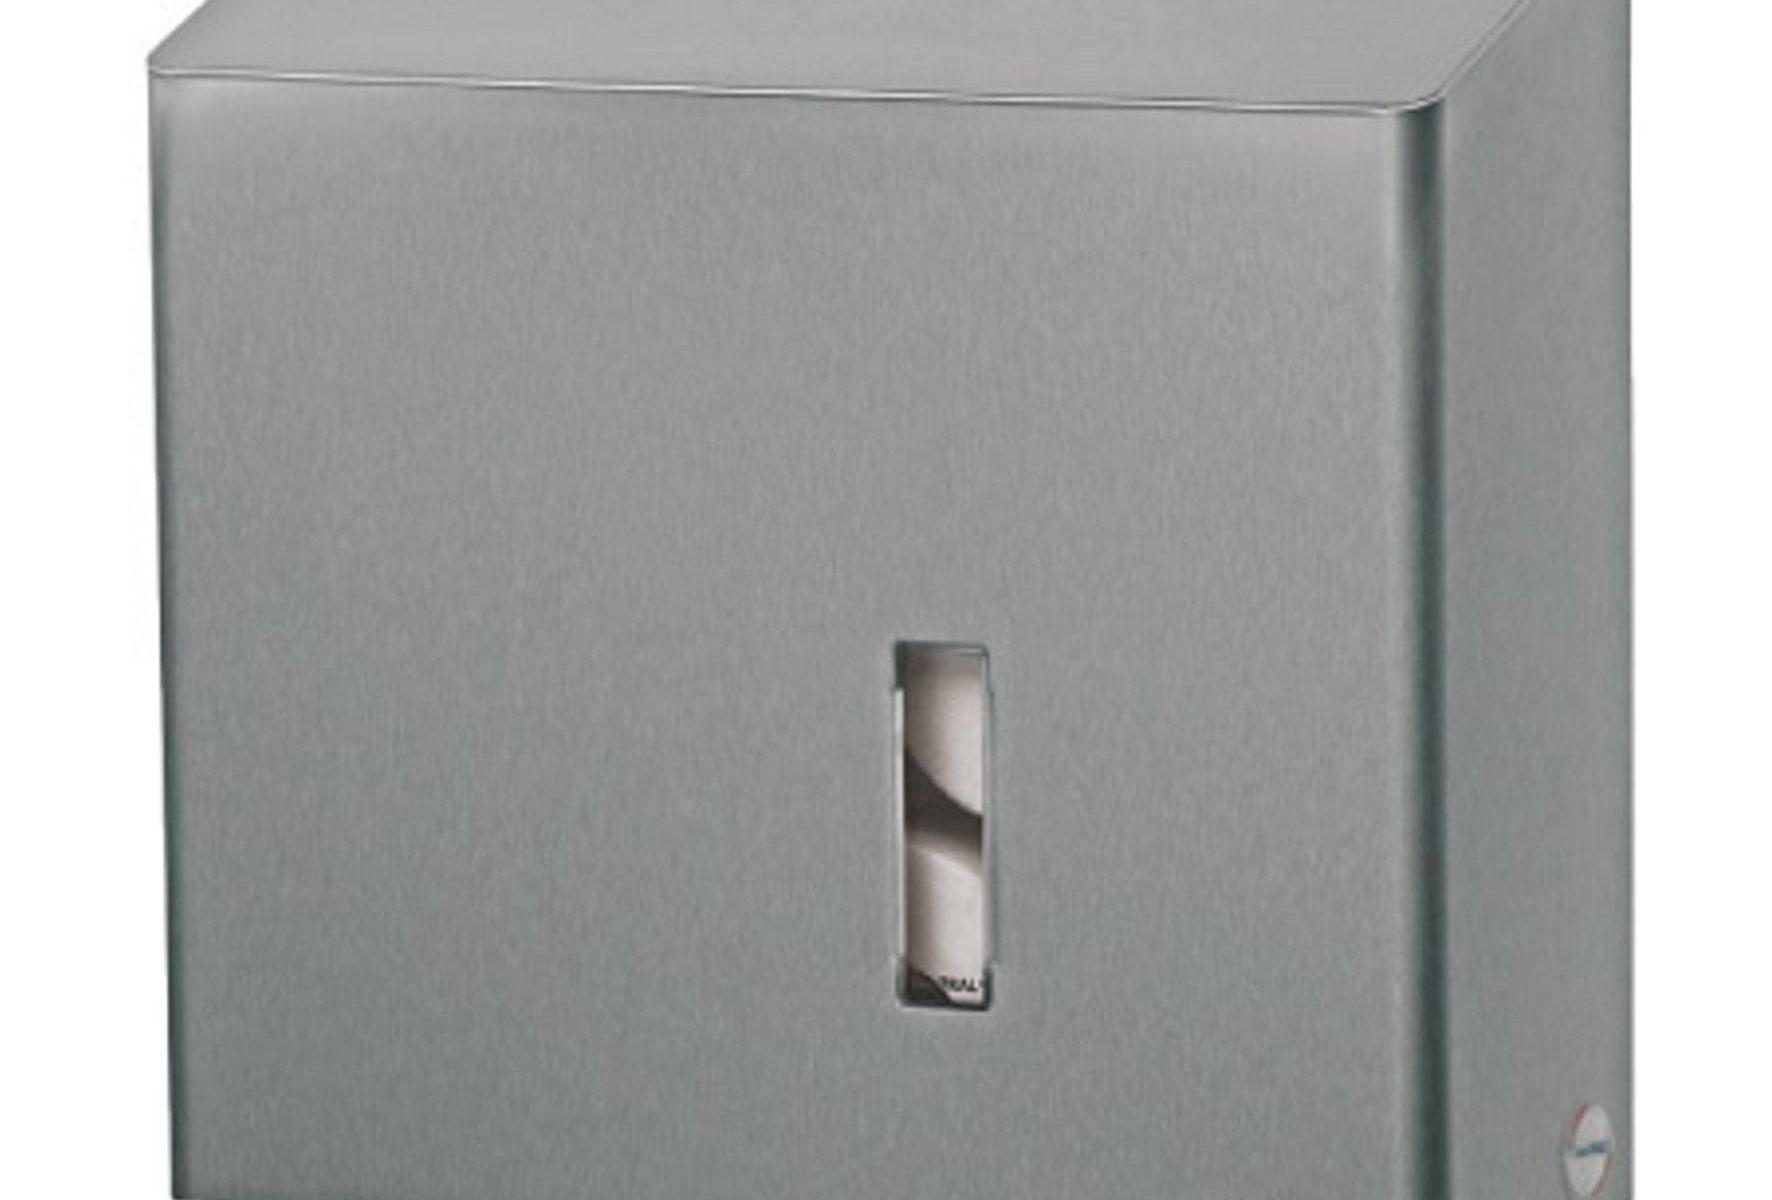 860554 Edelstahl 4-fach WC-Rollenspender